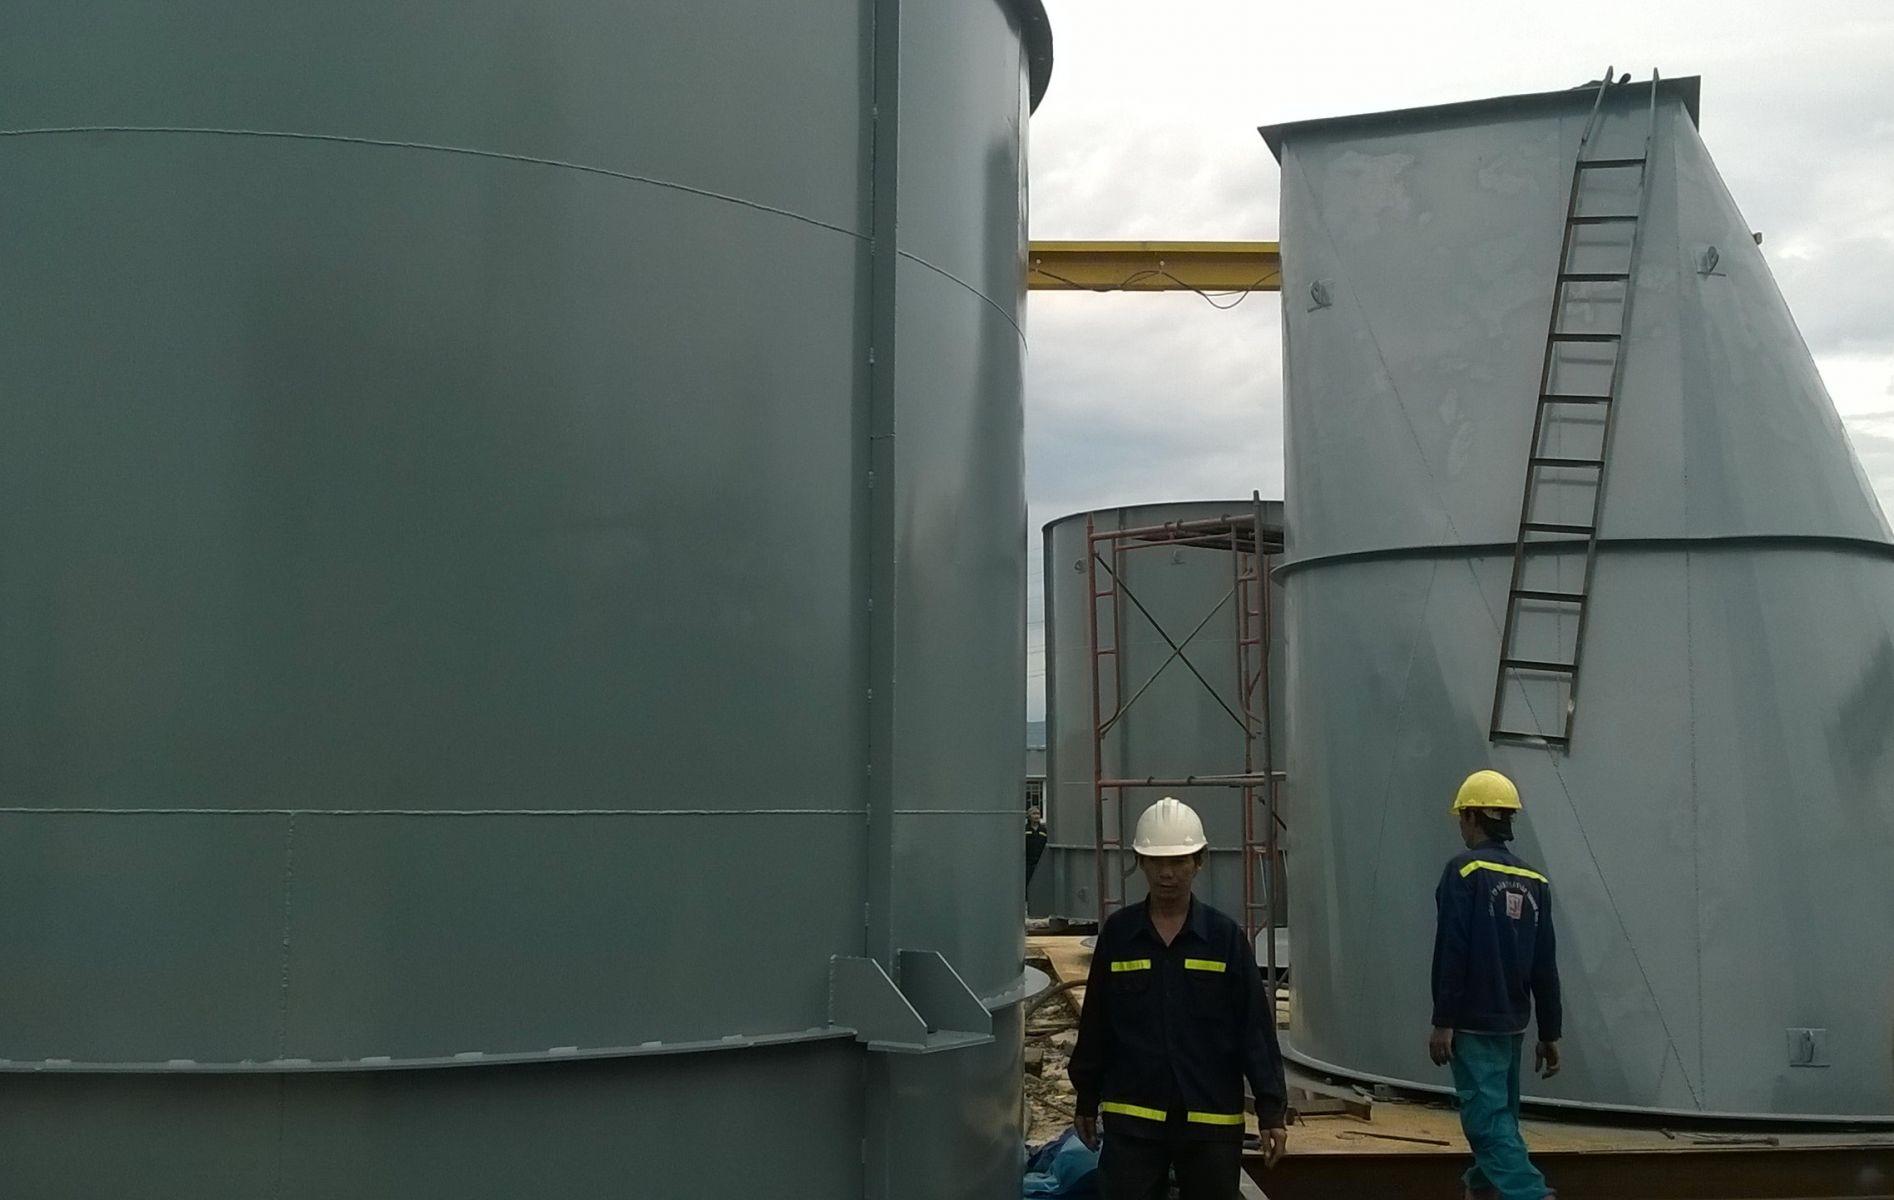 Lắp đặt Silo, gia công thiết bị - Nhà máy men bia cty Inter Malt